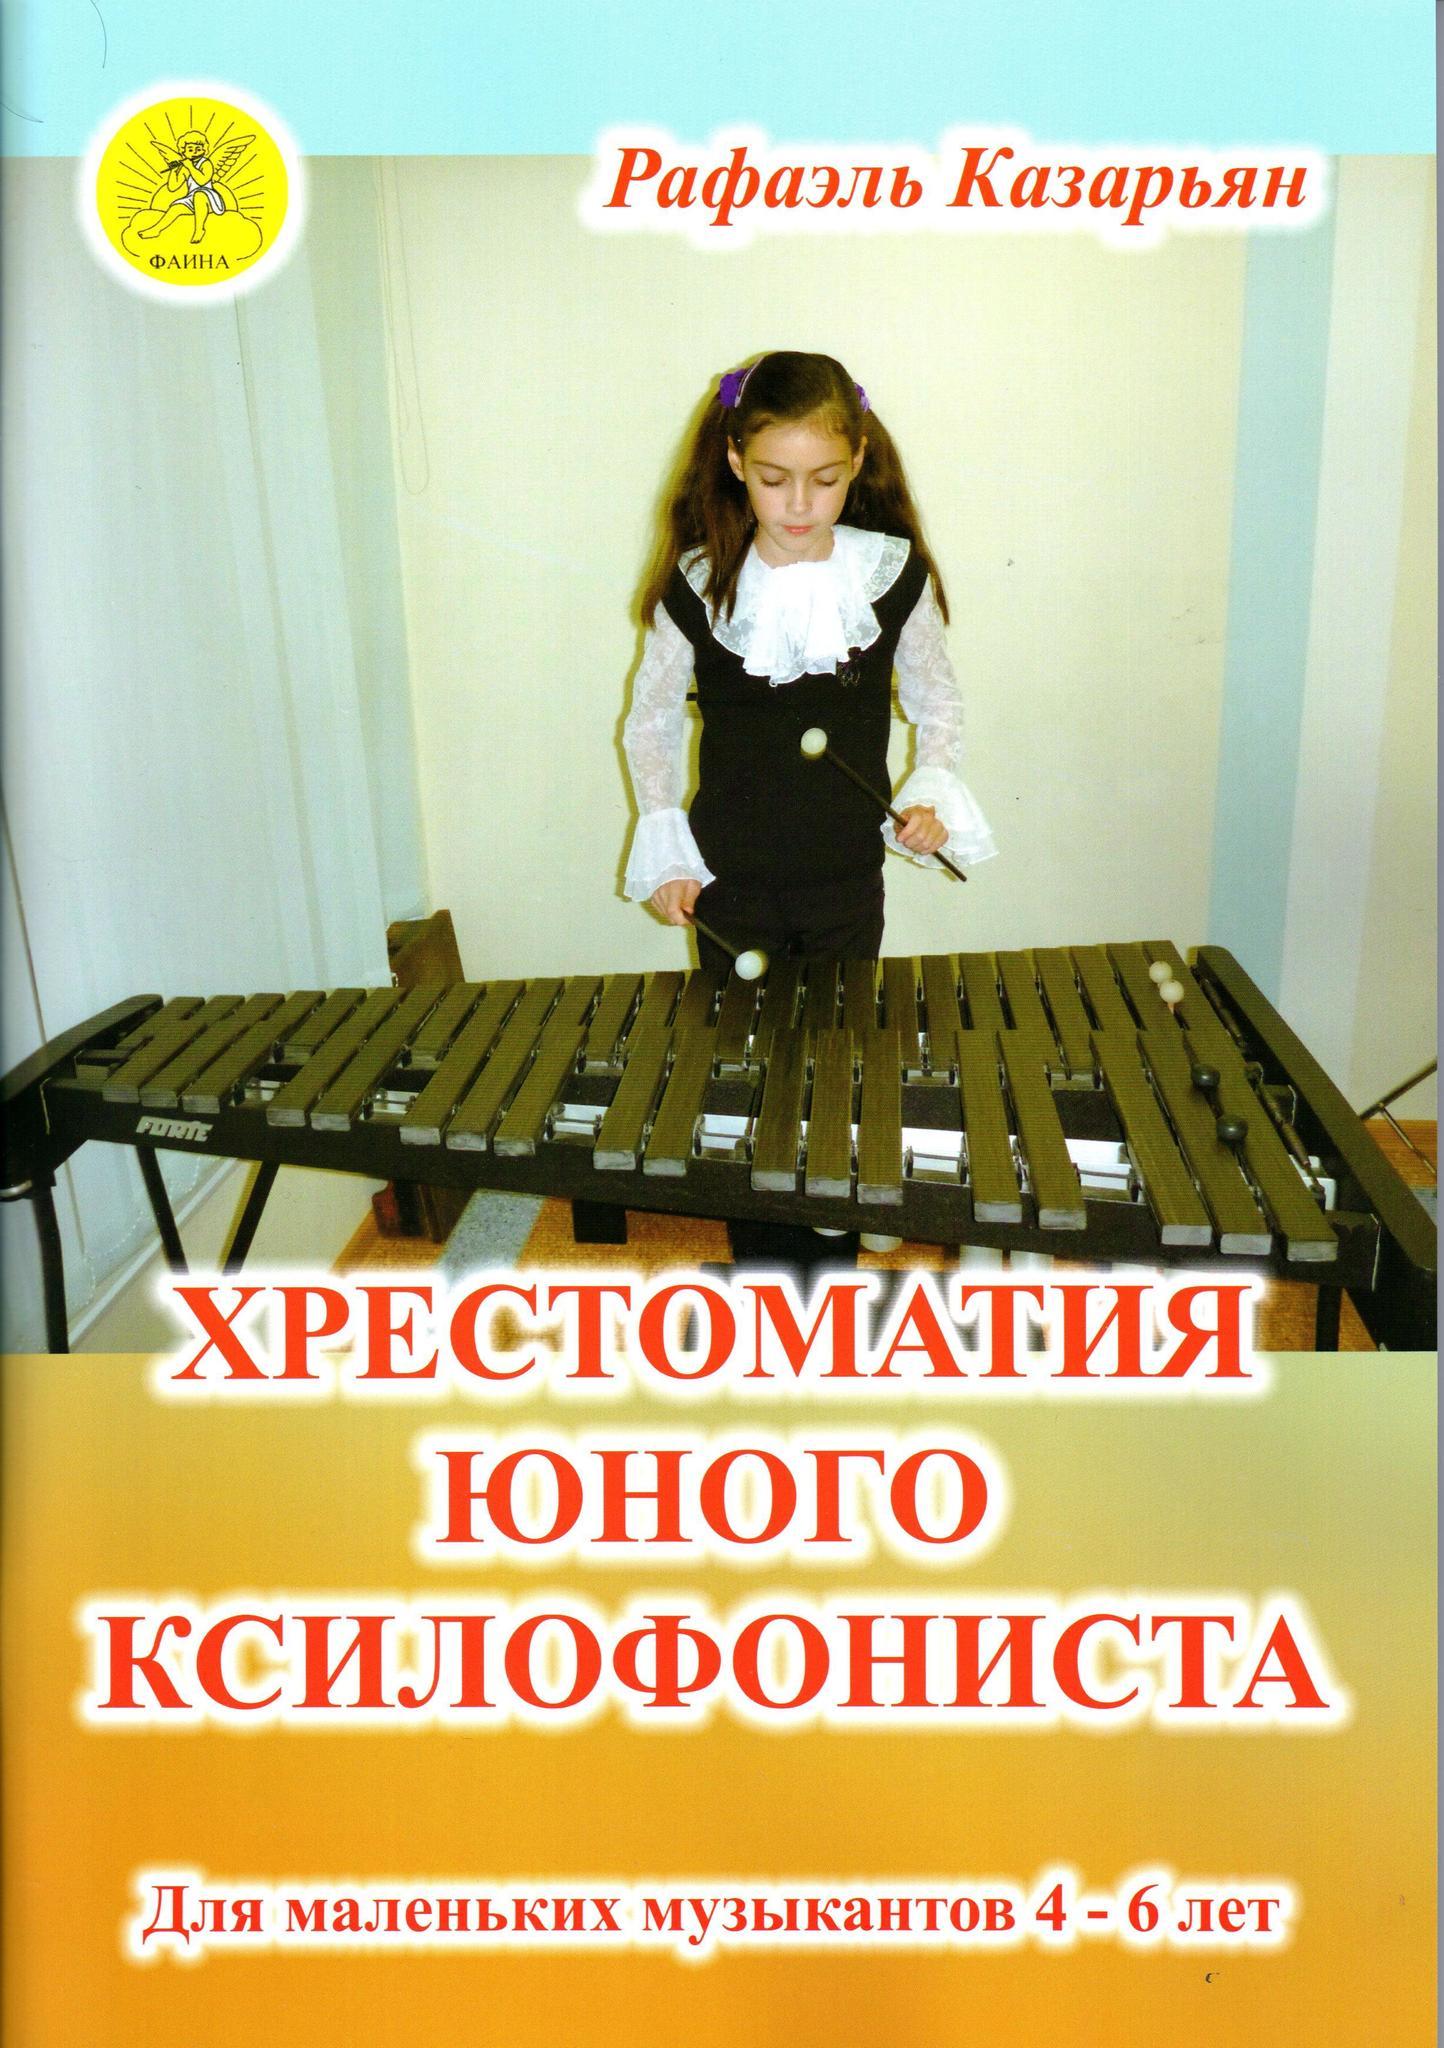 Хрестоматия ксилофониста